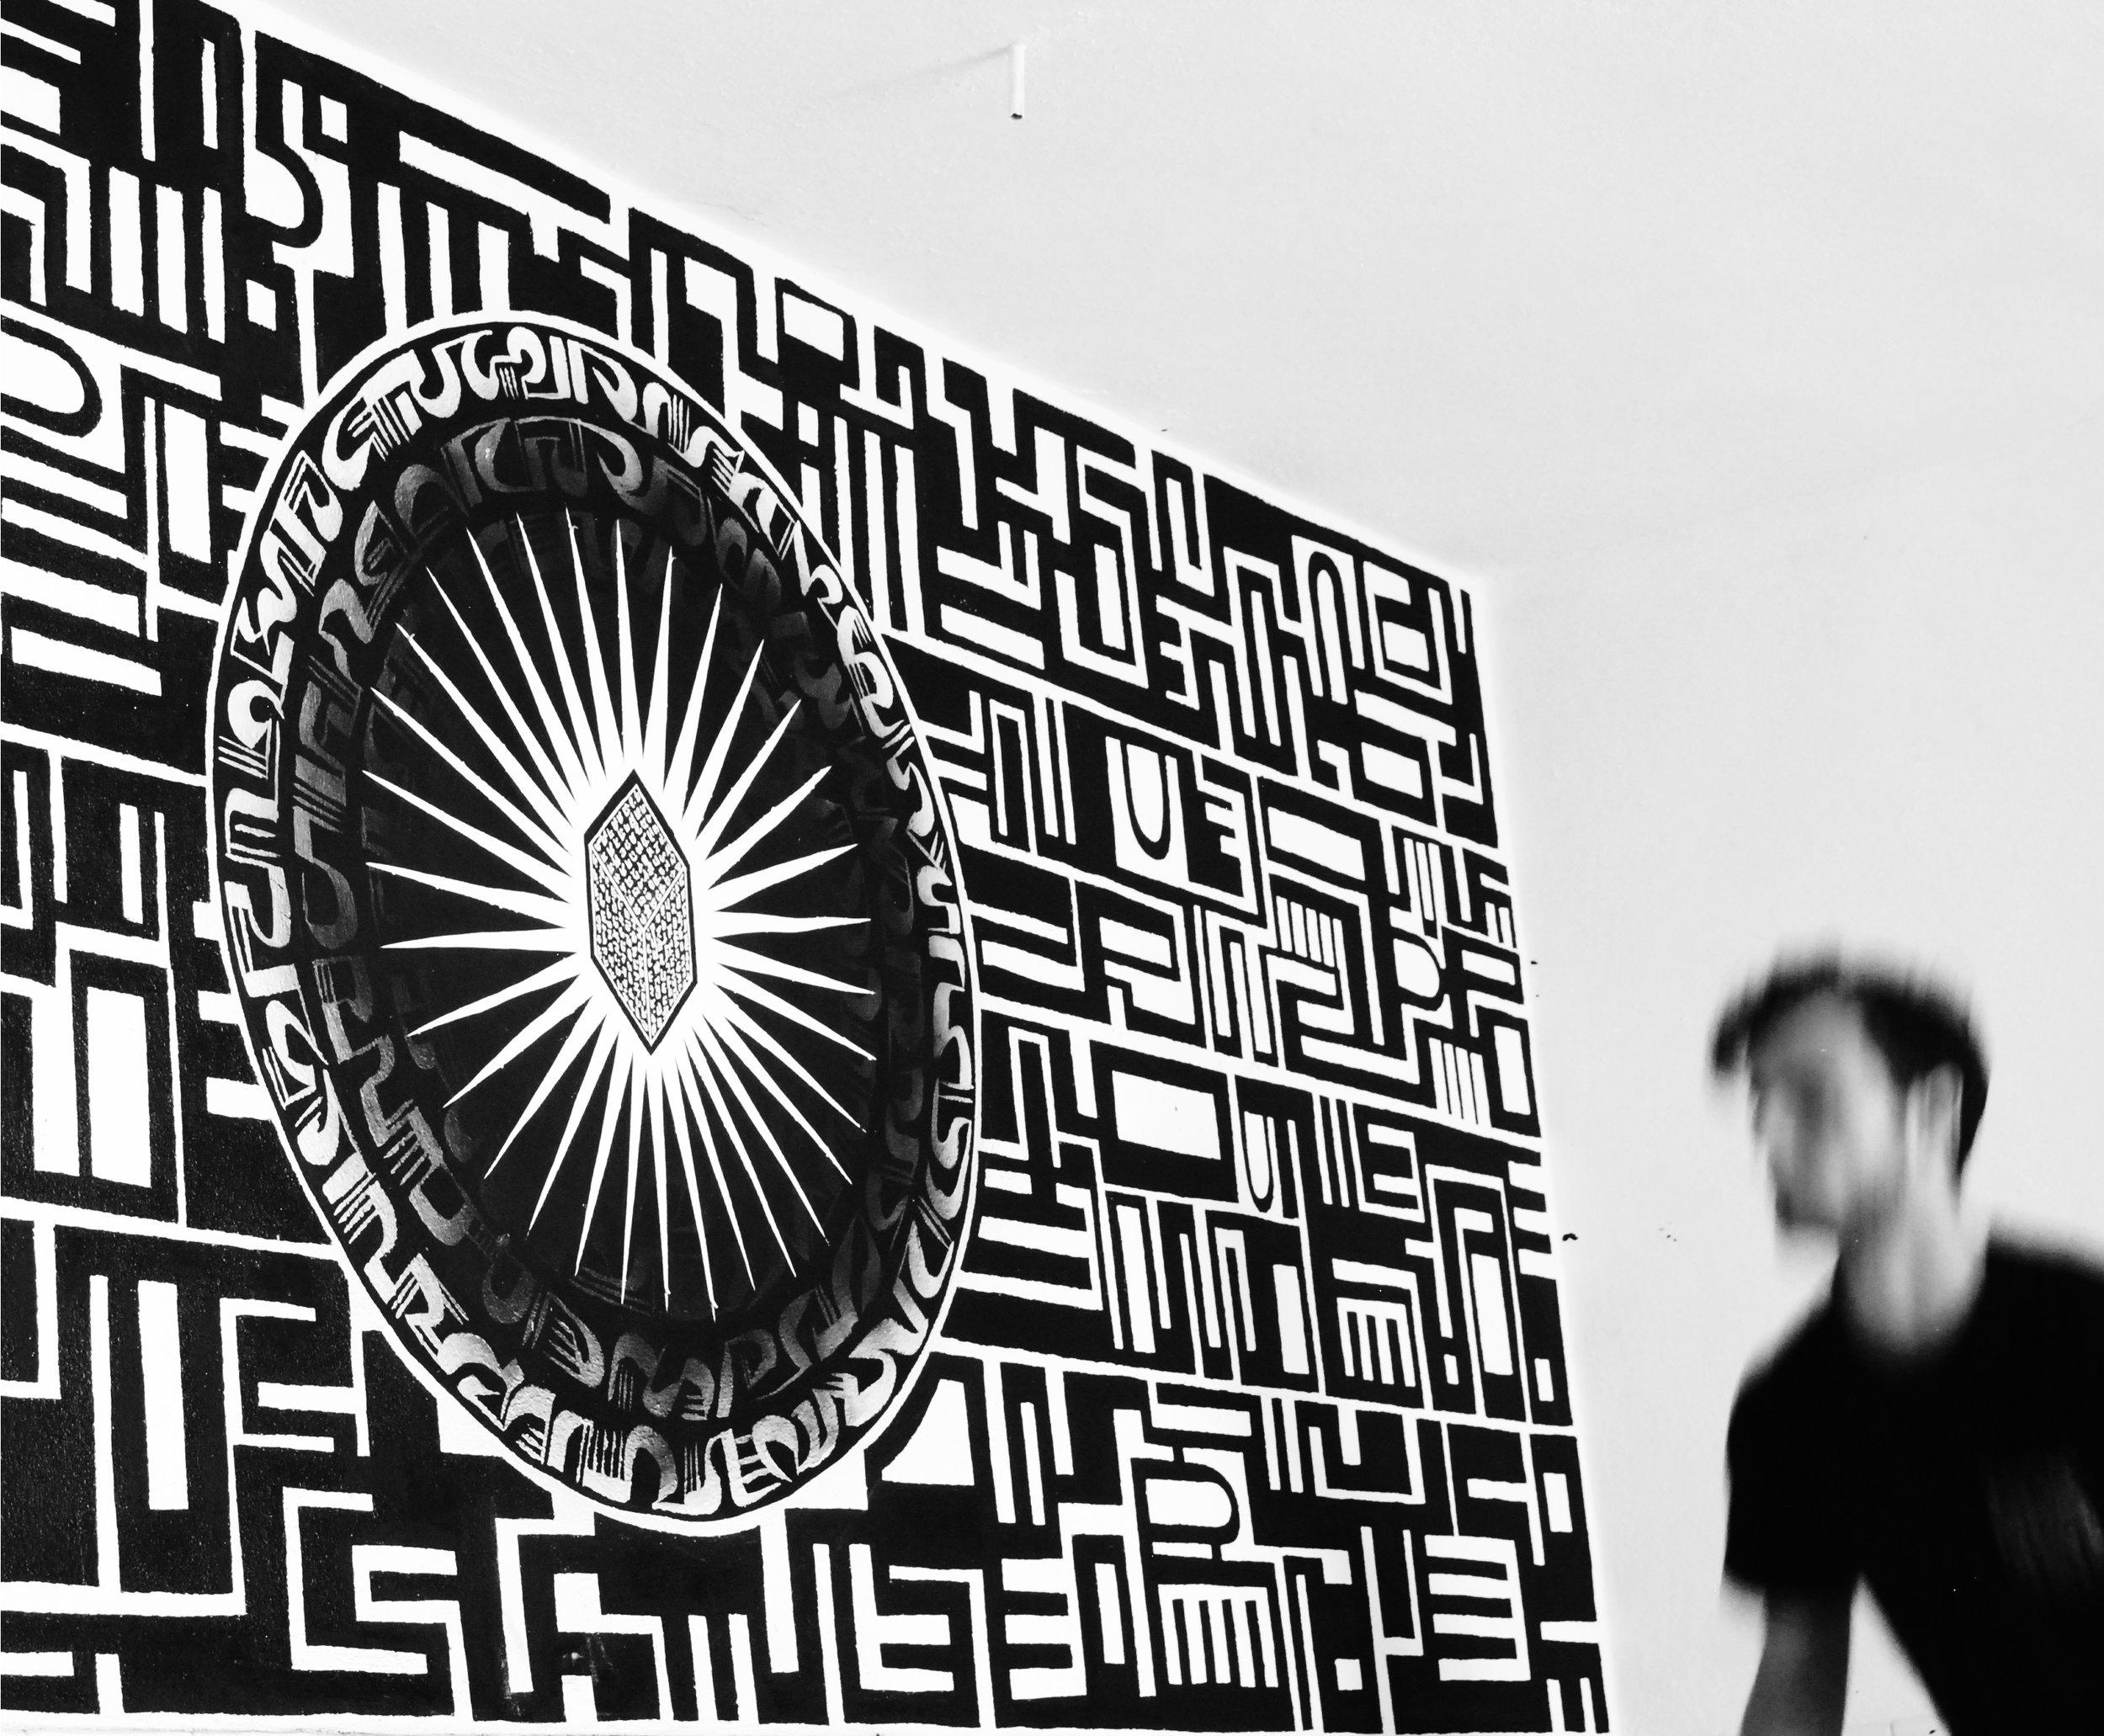 Mural_Monolith+website.jpg